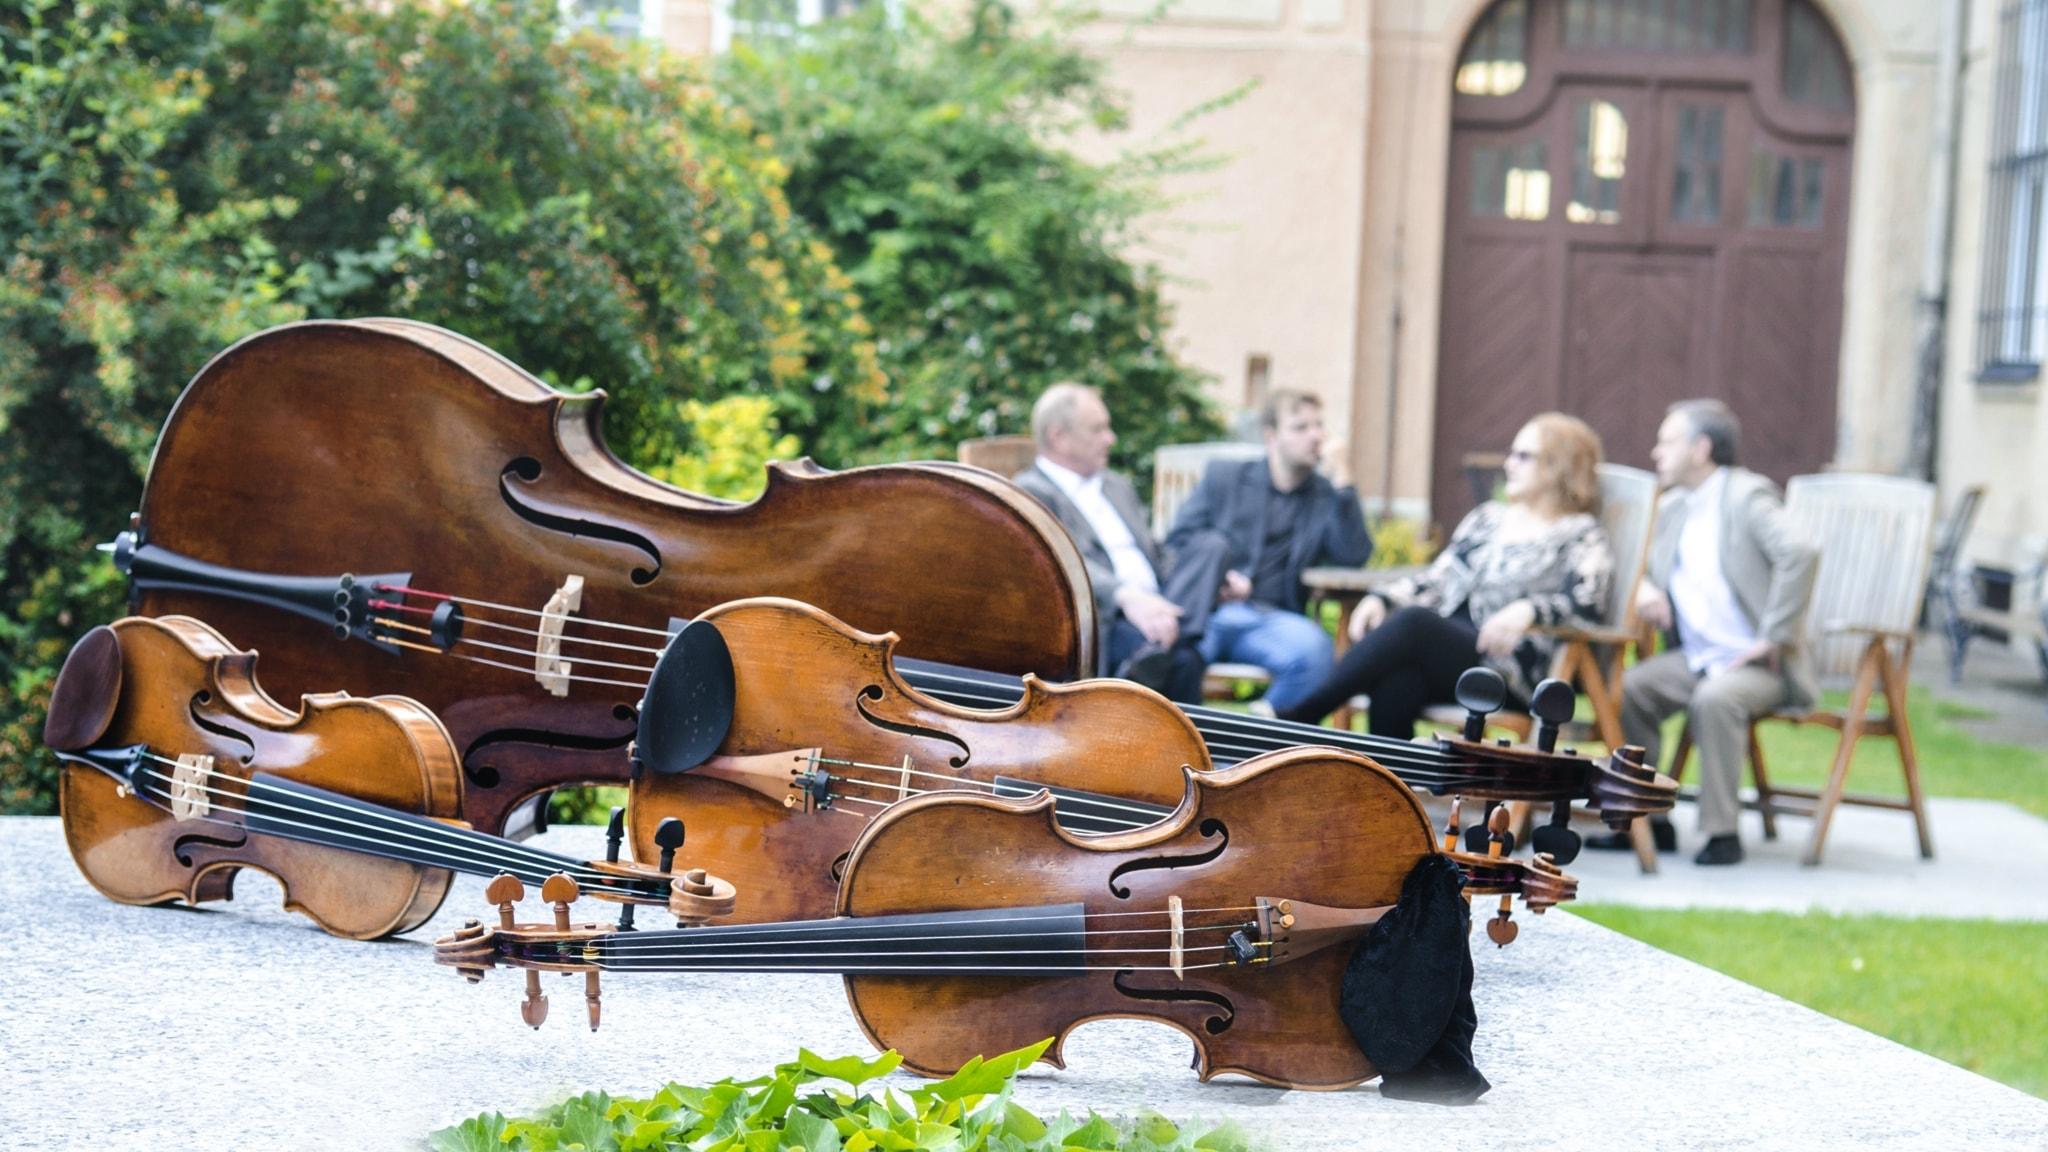 Tjeckiskt klassiskt musikliv nu och då. Prag - Europas mest symfoniorkestertäta stad.